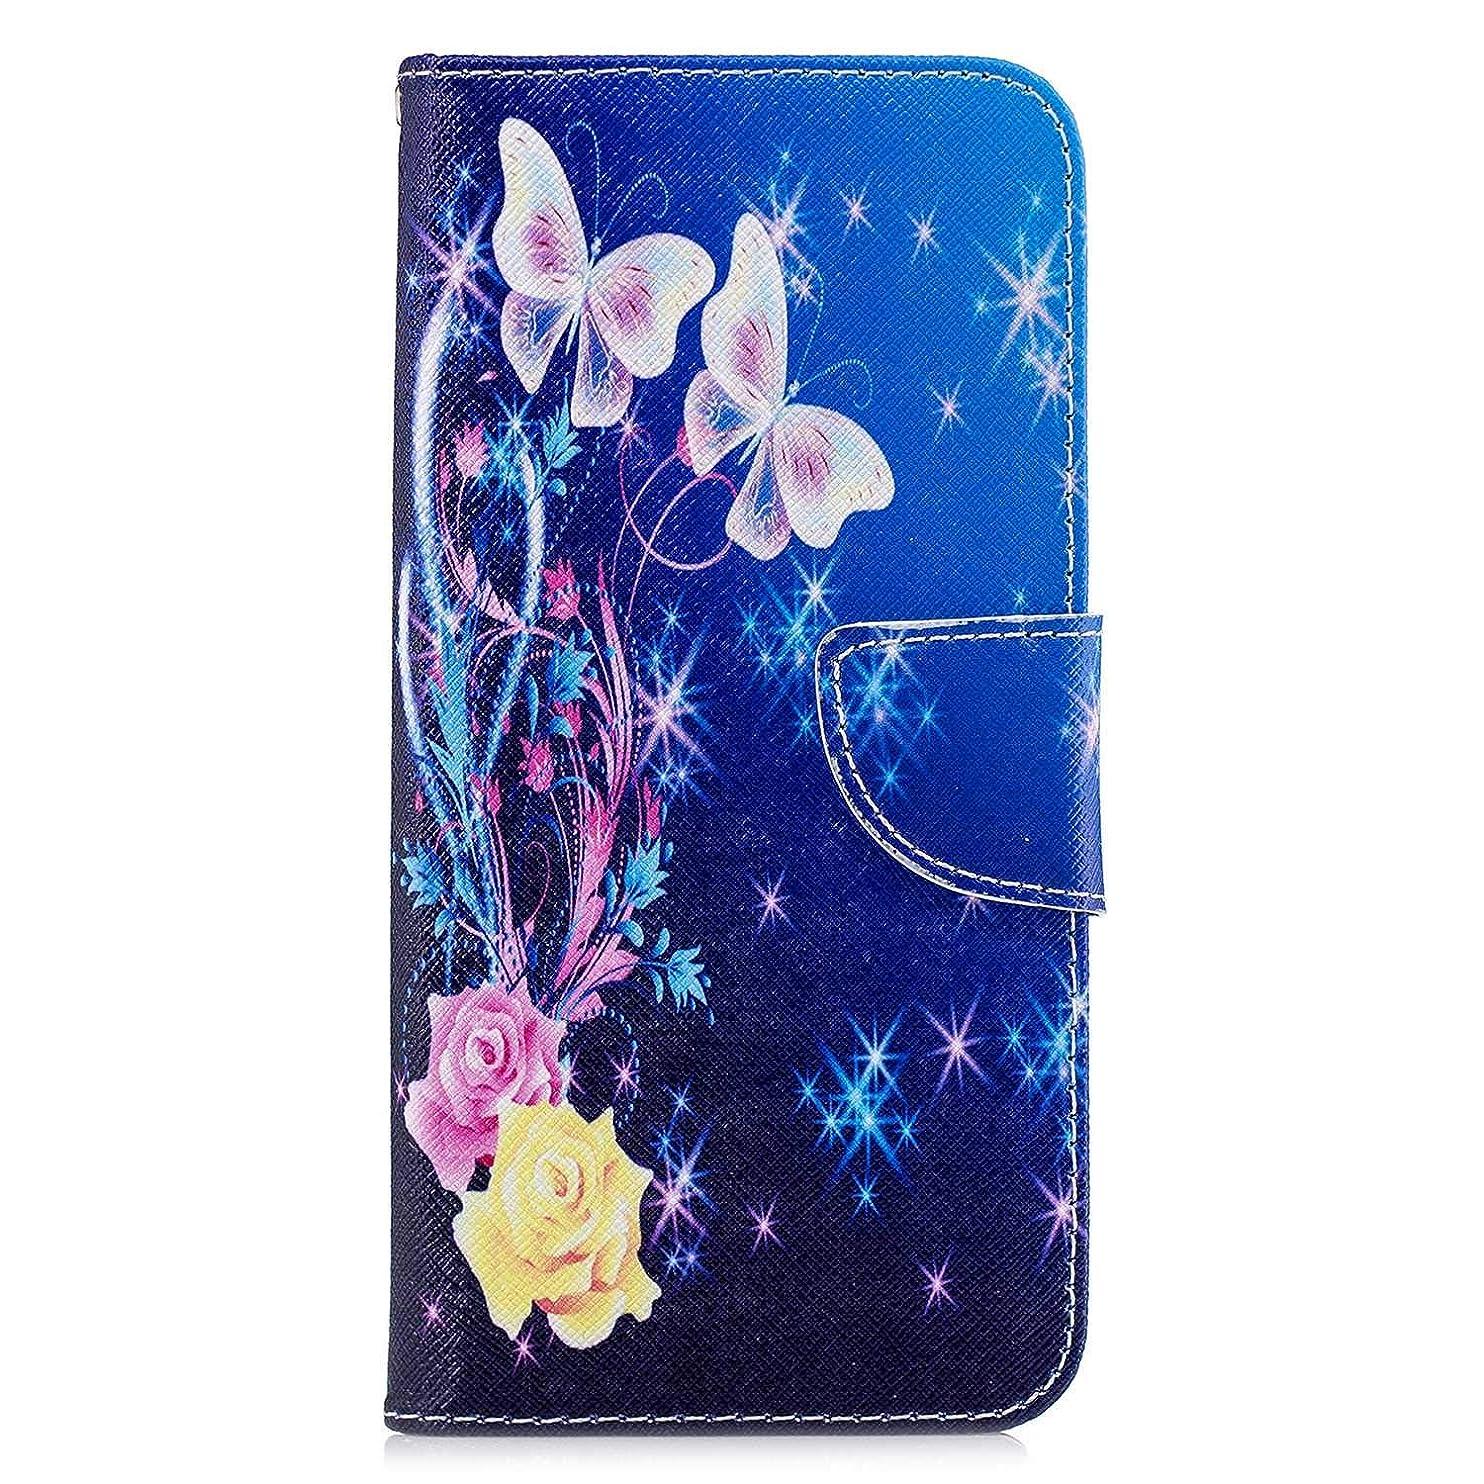 電池引き渡すファンブルOMATENTI Huawei Honor 8C ケース, ファッション人気 PUレザー 手帳 軽量 電話ケース 耐衝撃性 落下防止 薄型 スマホケースザー 付きスタンド機能, マグネット開閉式 そしてカード収納 Huawei Honor 8C 用 Case Cover, バタフライ-2